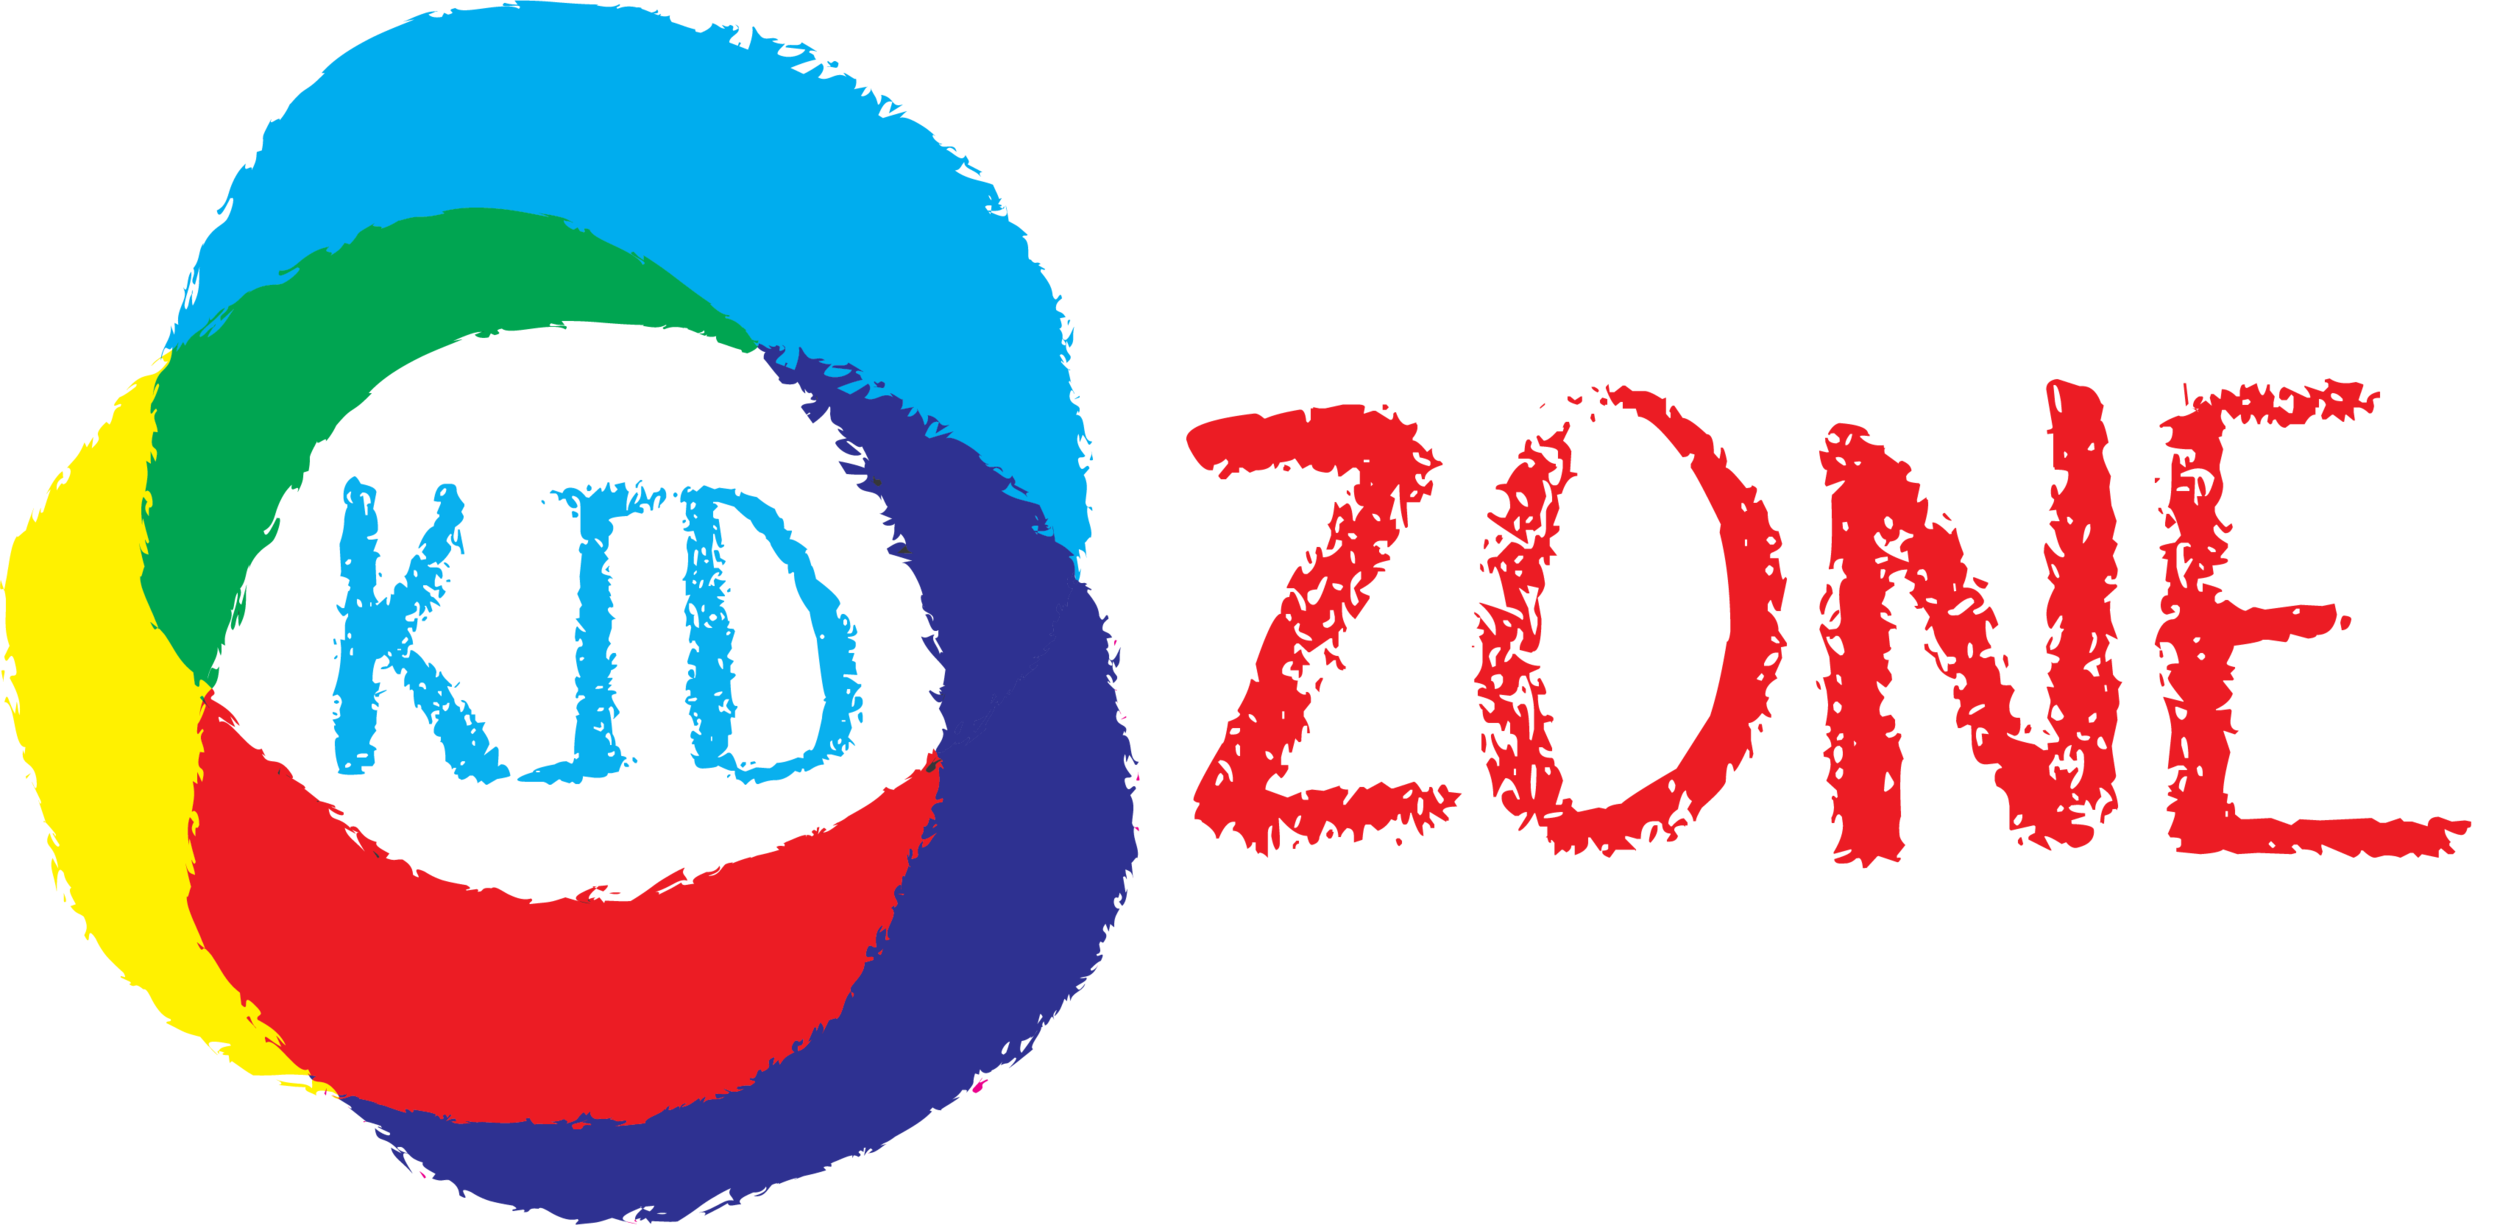 Kidzone_logo_Colour.png